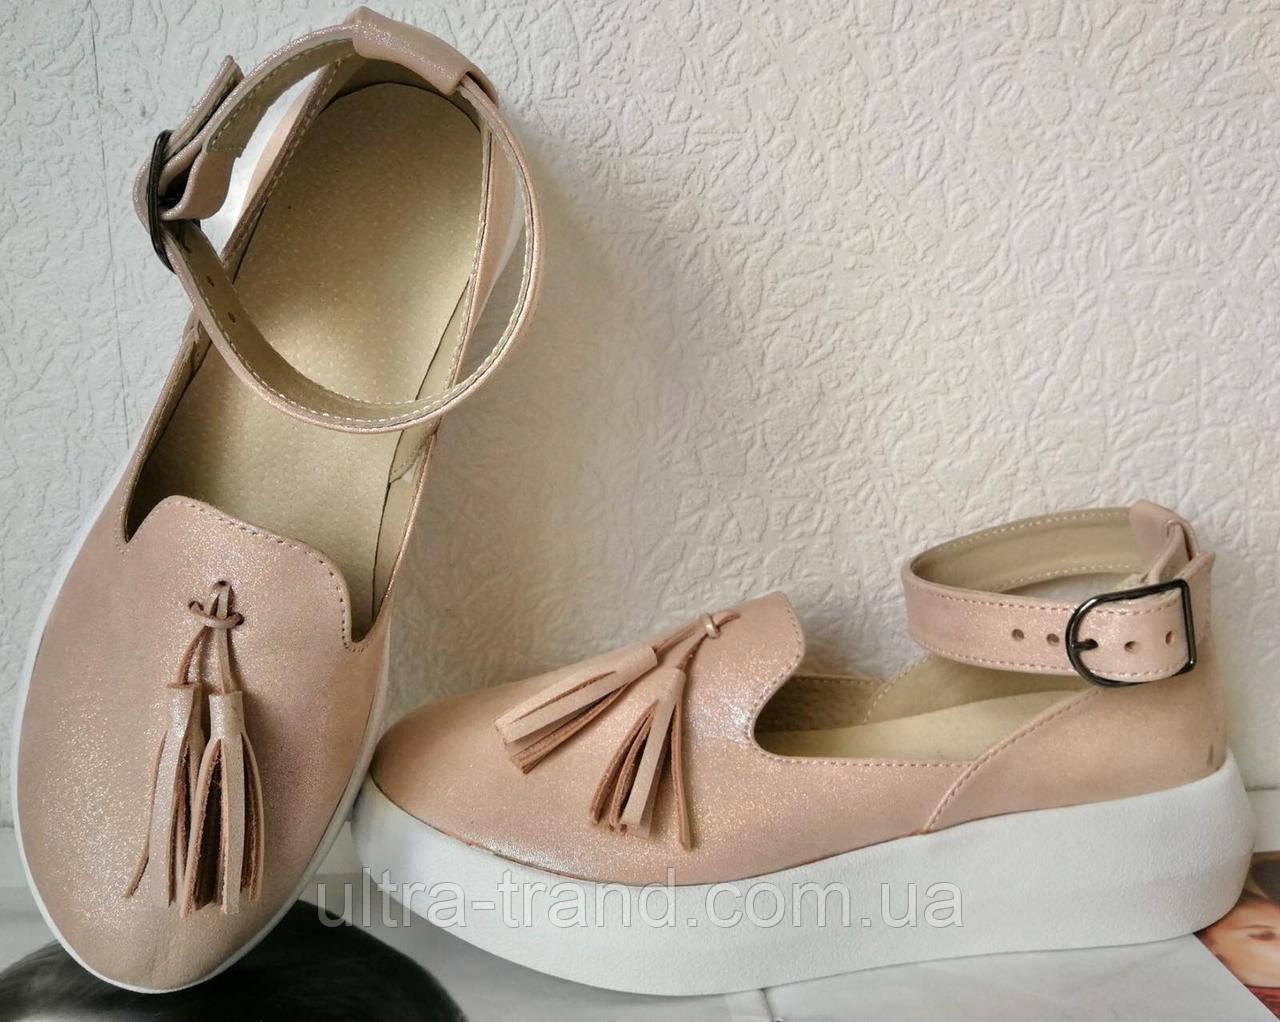 Elle шик! удобные замшевые женские осенние туфли на средней платформе пудра кожа